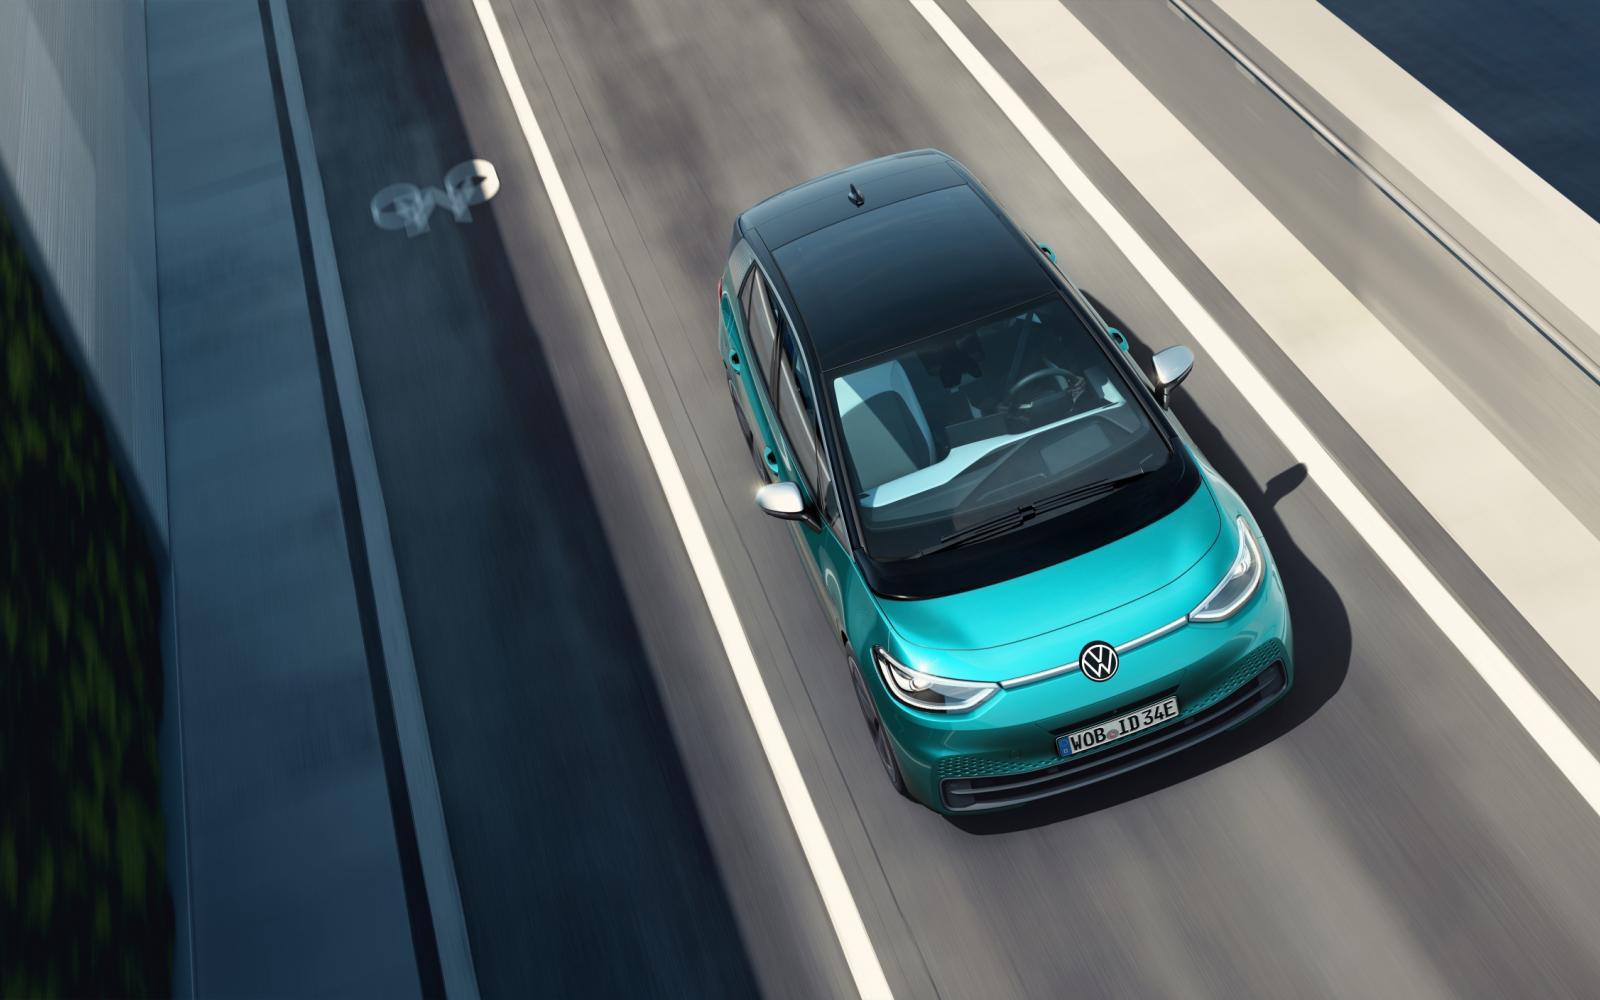 Bekijk de prijzen en uitvoeringen van de Volkswagen ID.3 1st